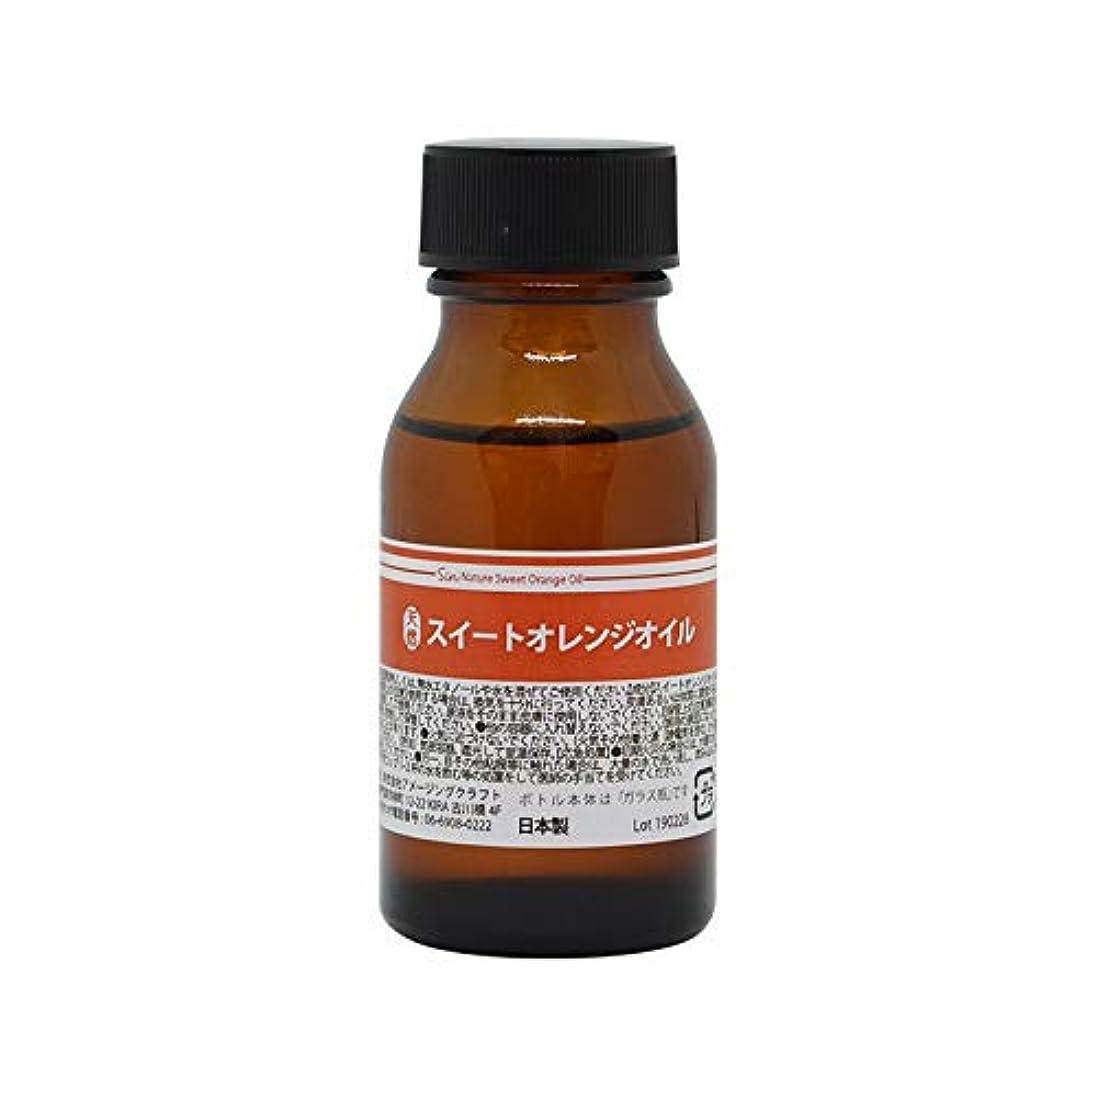 サーバント受粉する戦士天然100% スイートオレンジオイル 50ml (オレンジスイート) エッセンシャルオイル